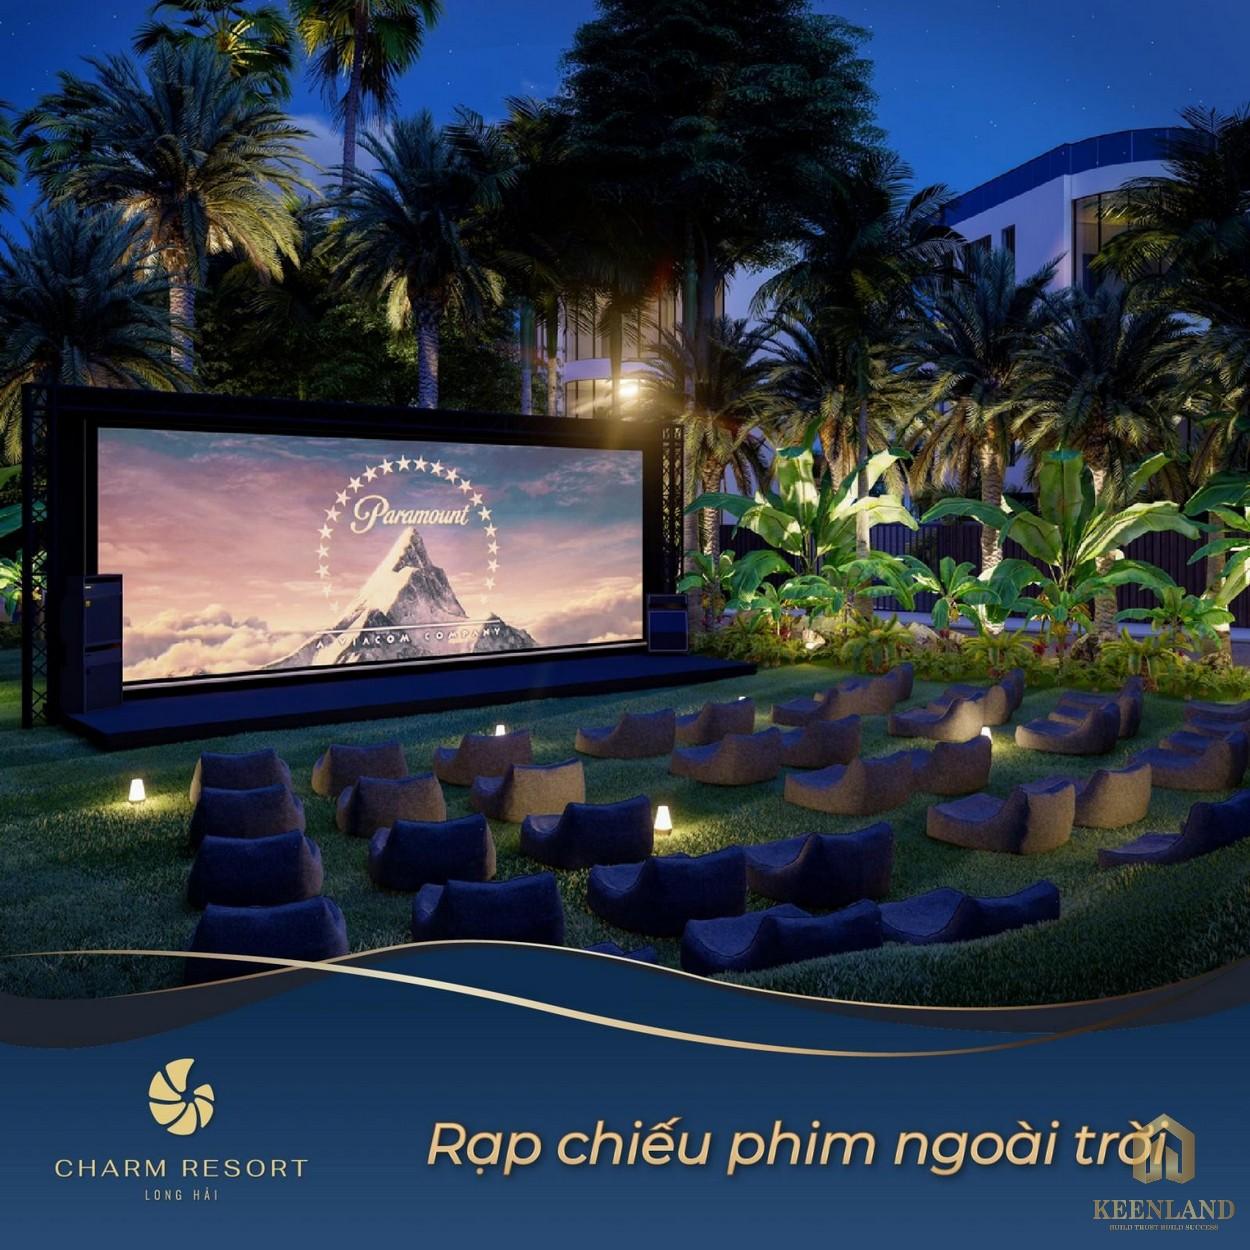 Rạp chiếu phim ngoài trời